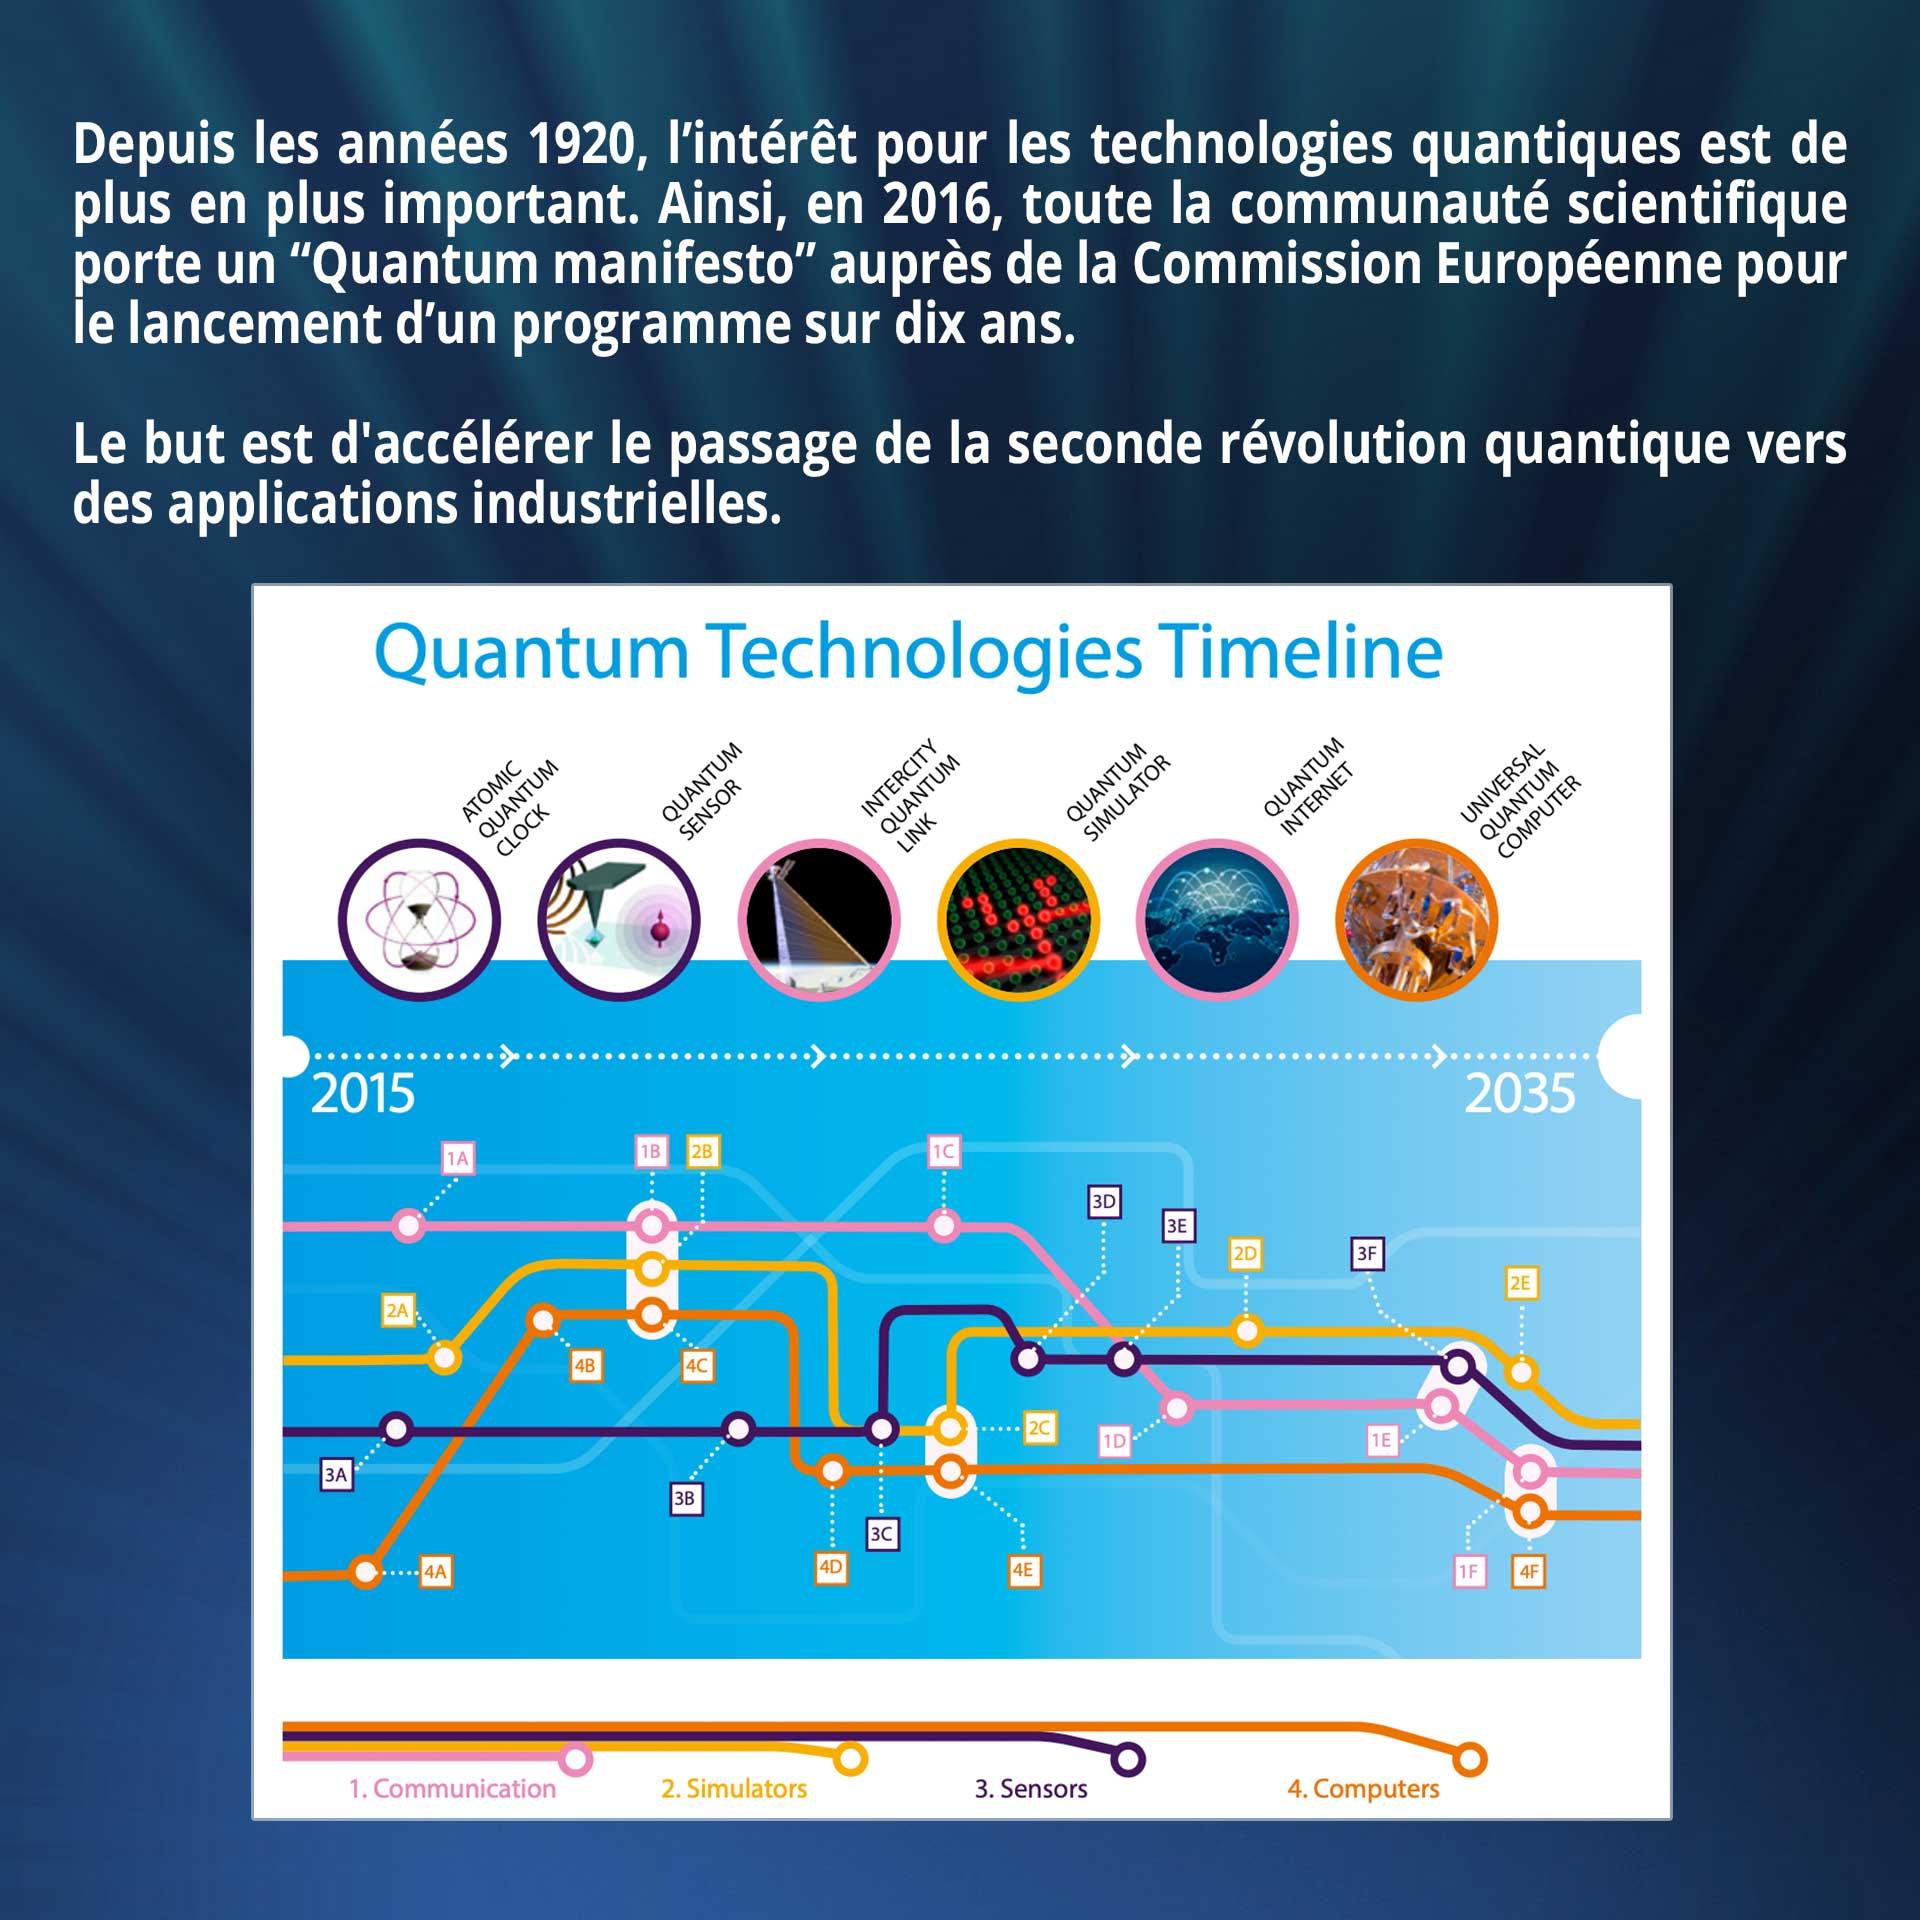 """Depuis les années 1920, l'intérêt pour les technologies quantiques est de plus en plus important. Ainsi, en 2016, toute la communauté scientifique porte un """"Quantum manifesto"""" auprès de la Commission Européenne pour le lancement d'un programme sur dix ans. Le but est d'accélérer le passage de la seconde révolution quantique vers des applications industrielles."""